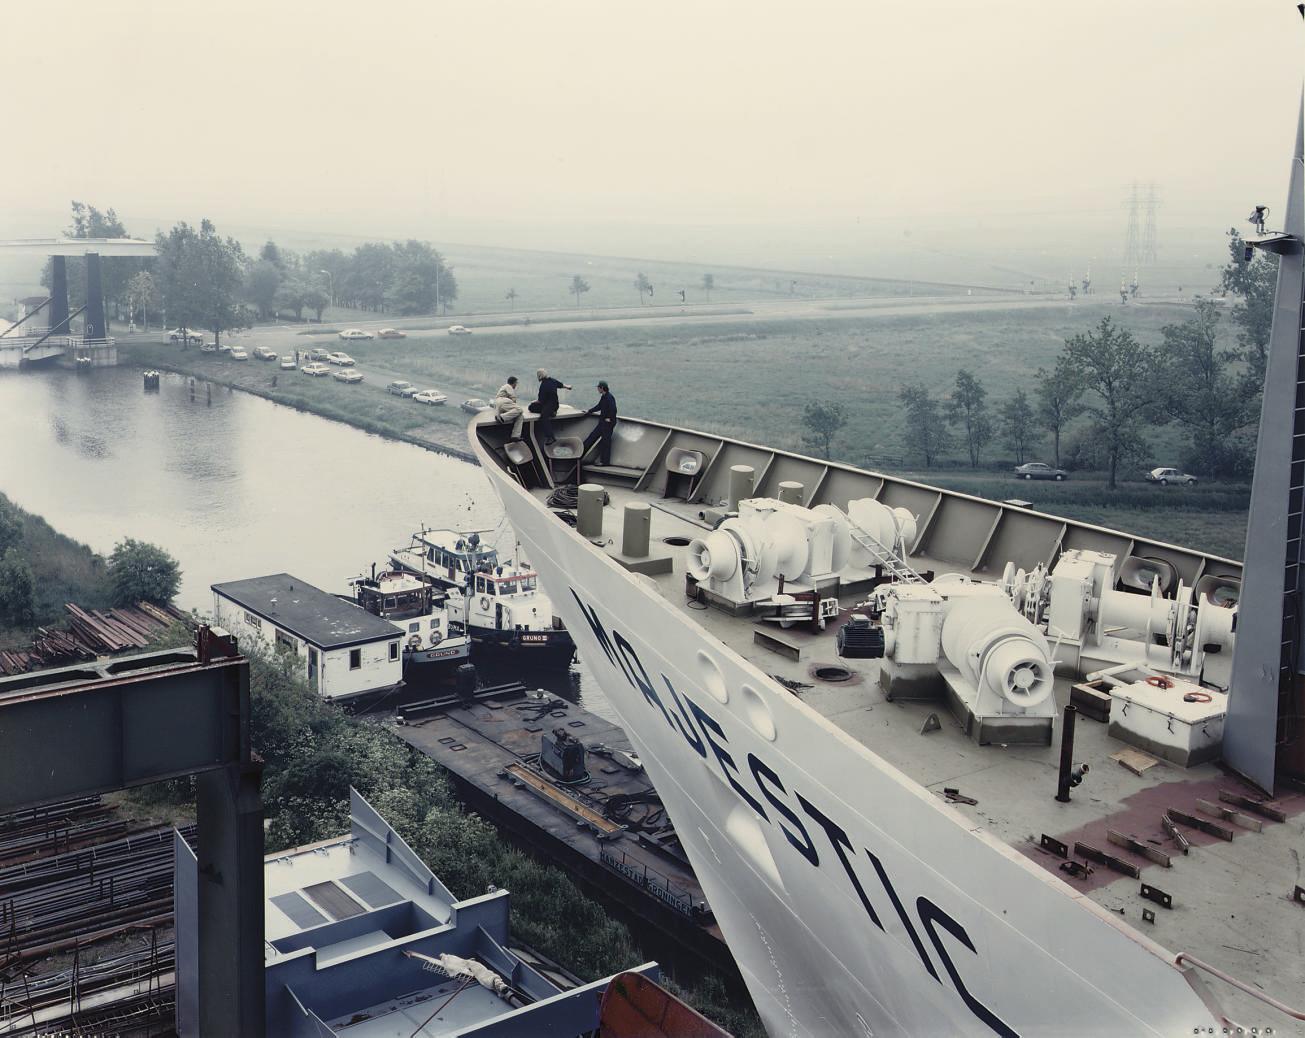 Waterhuizen, from the series 'Hollandse Taferelen'